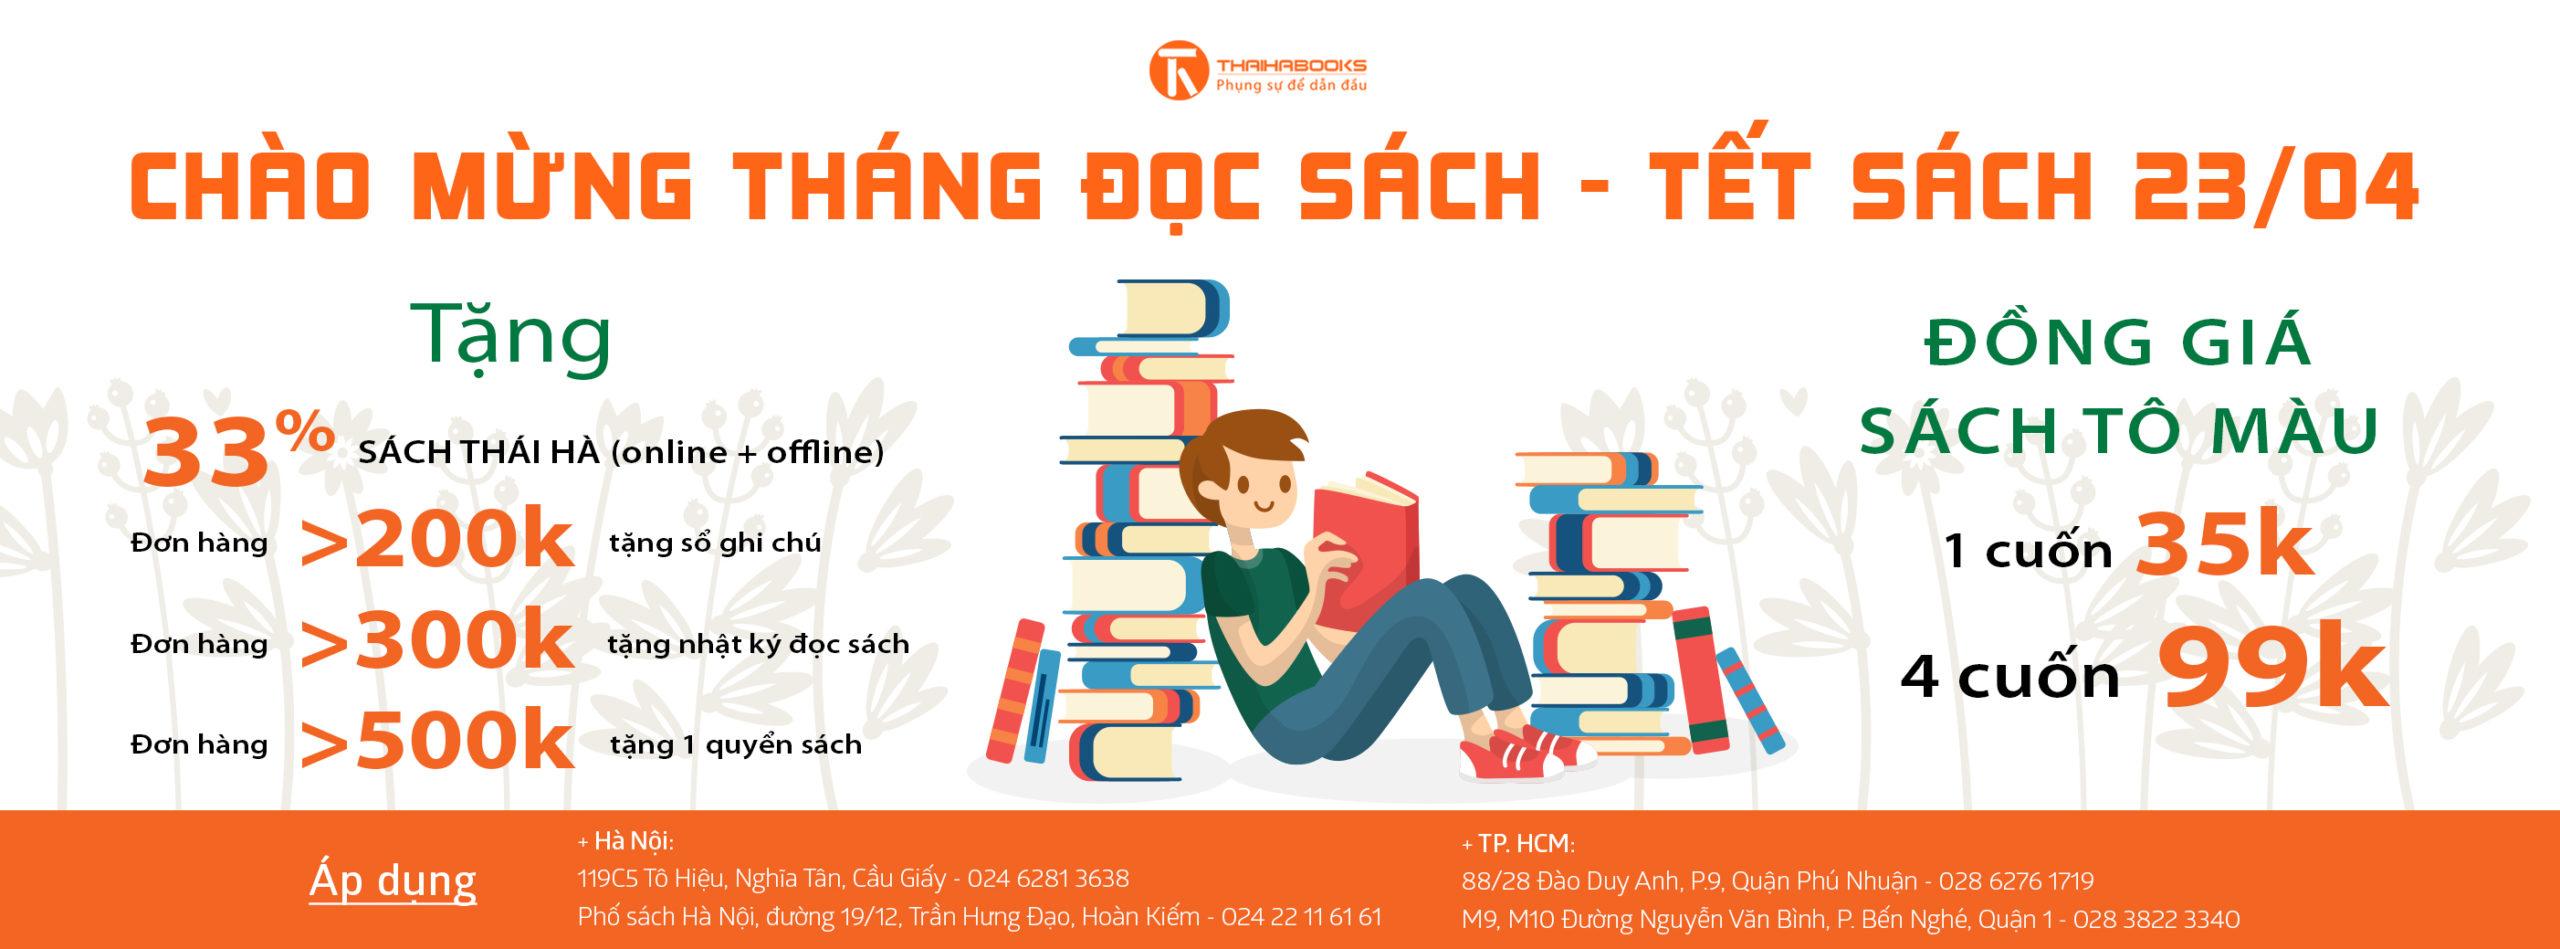 Mừng ngày sách Việt Nam 2018 – Tặng chiết khấu khi mua sách tại hệ thống nhà sách Thái Hà Books